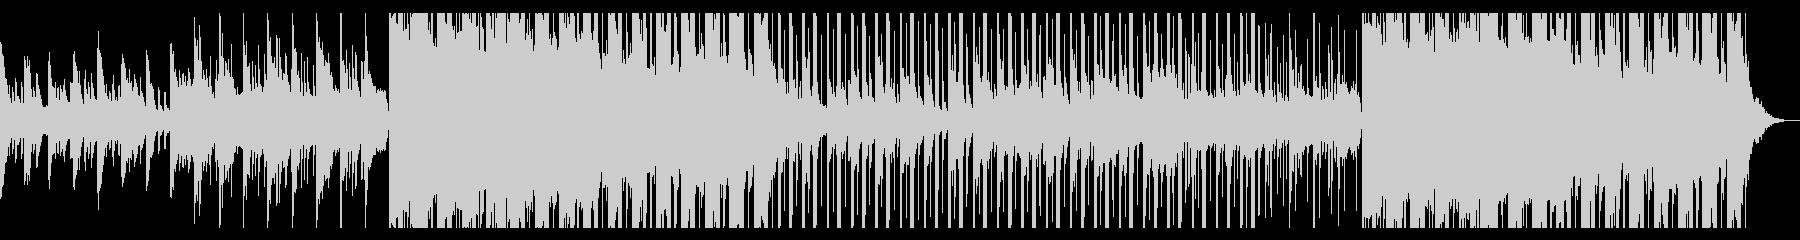 秋の帰り道、切ないピアノ、HIPHOPの未再生の波形